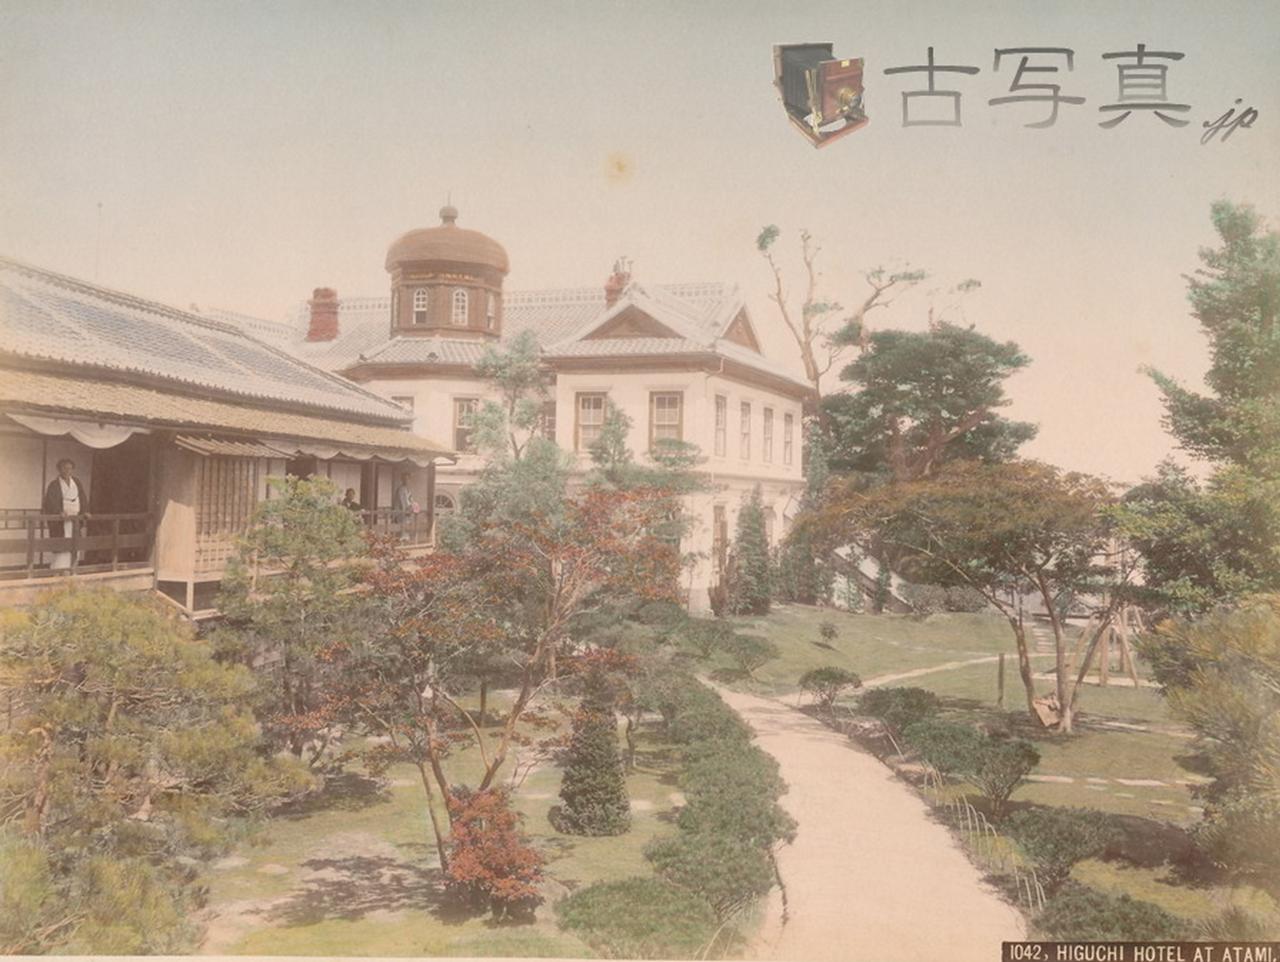 Атами. Отель Хигучи